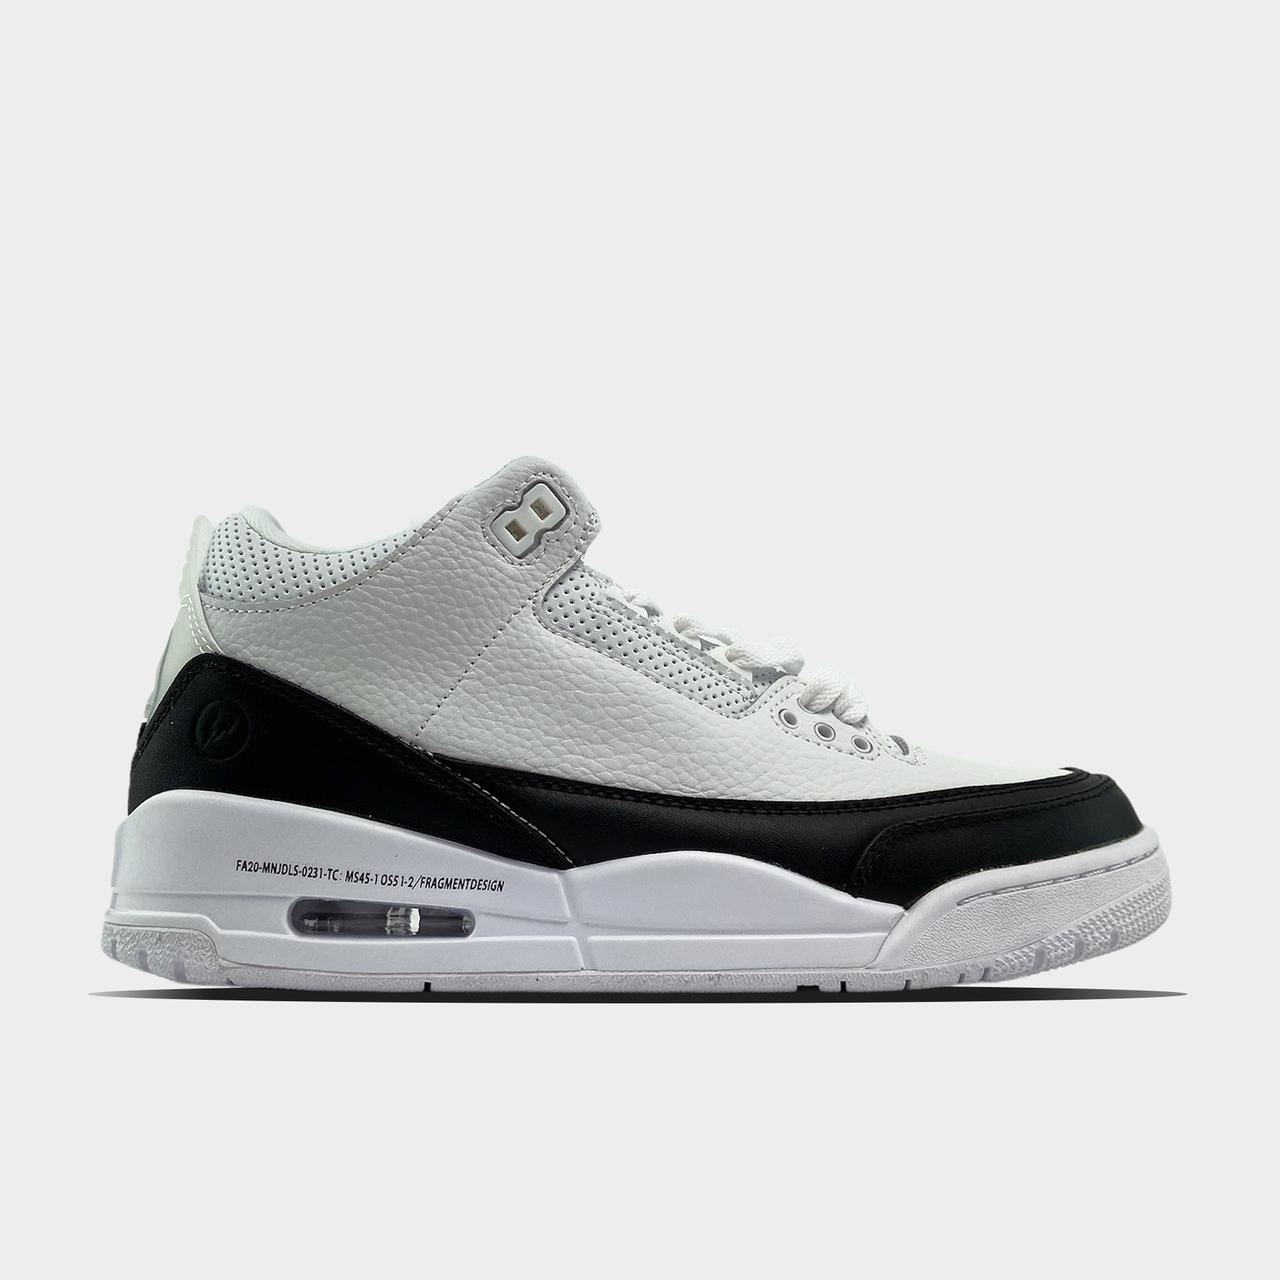 Nk, крос, обувь, взуття, sneakers, шузы, Air Jordan 3 White Black (Белый)